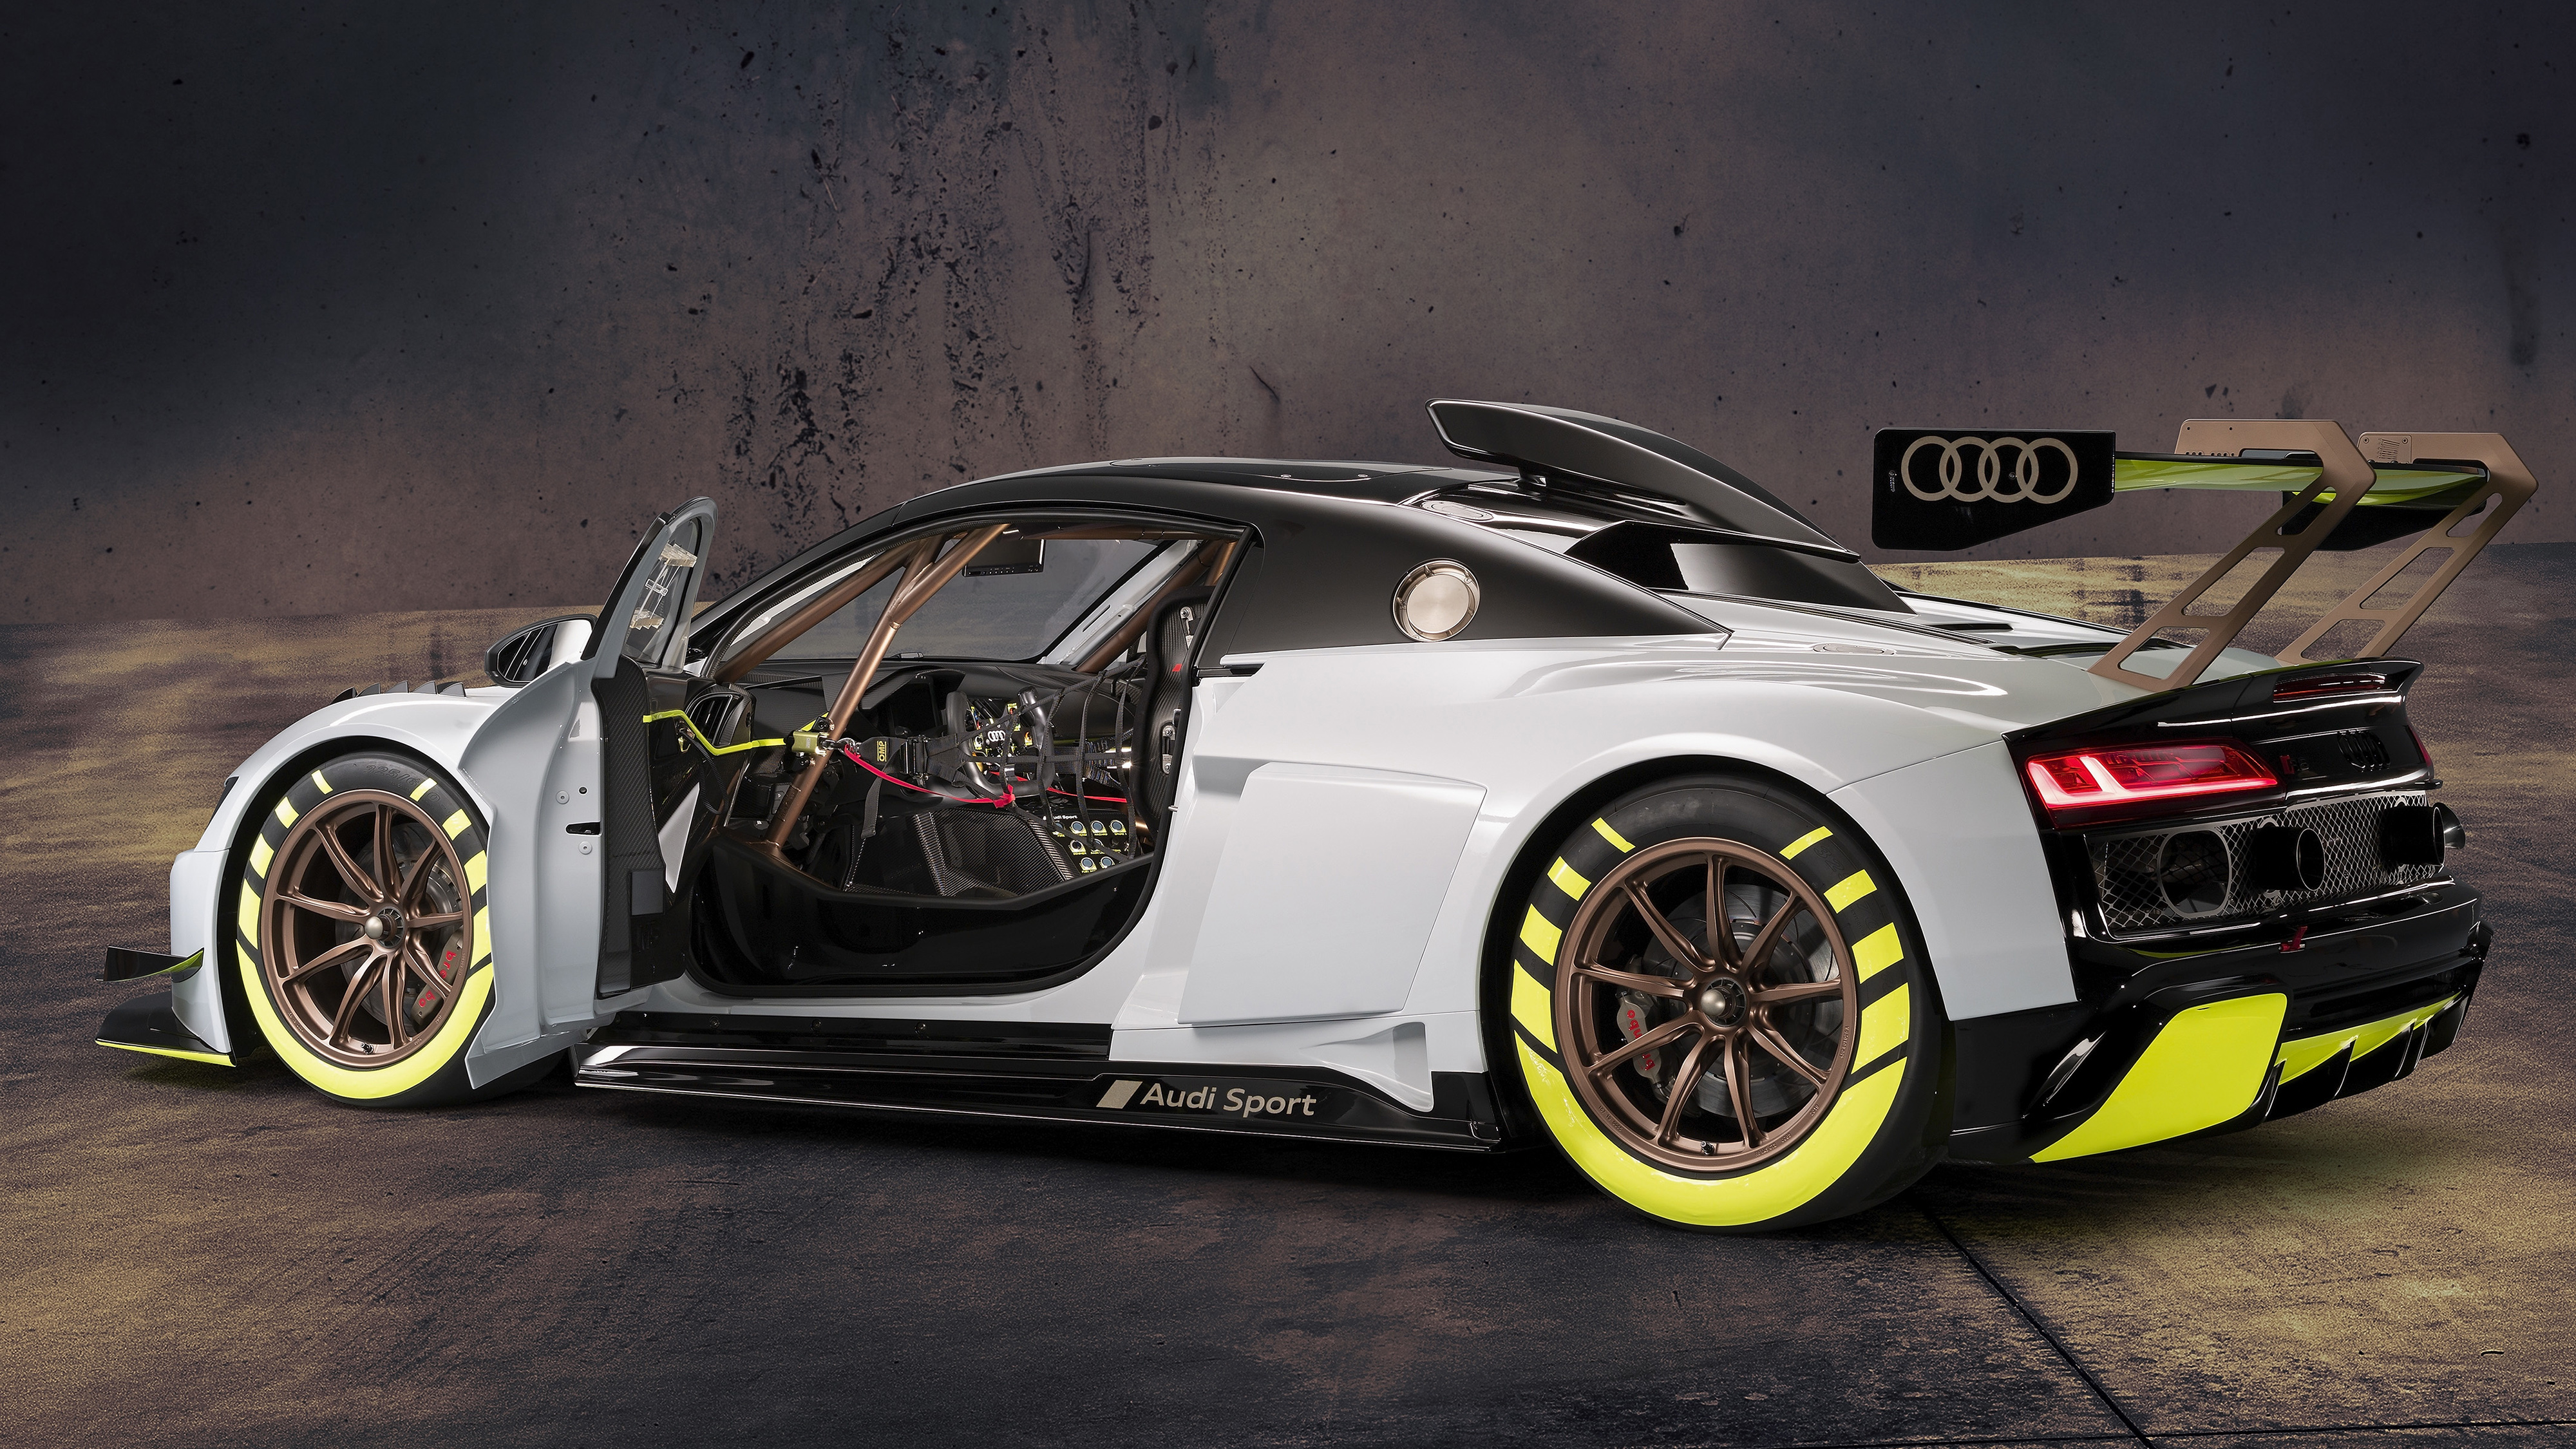 Audi R8 LMS GT2 2019 4K 2 Wallpaper HD Car Wallpapers ID 12865 4000x2250